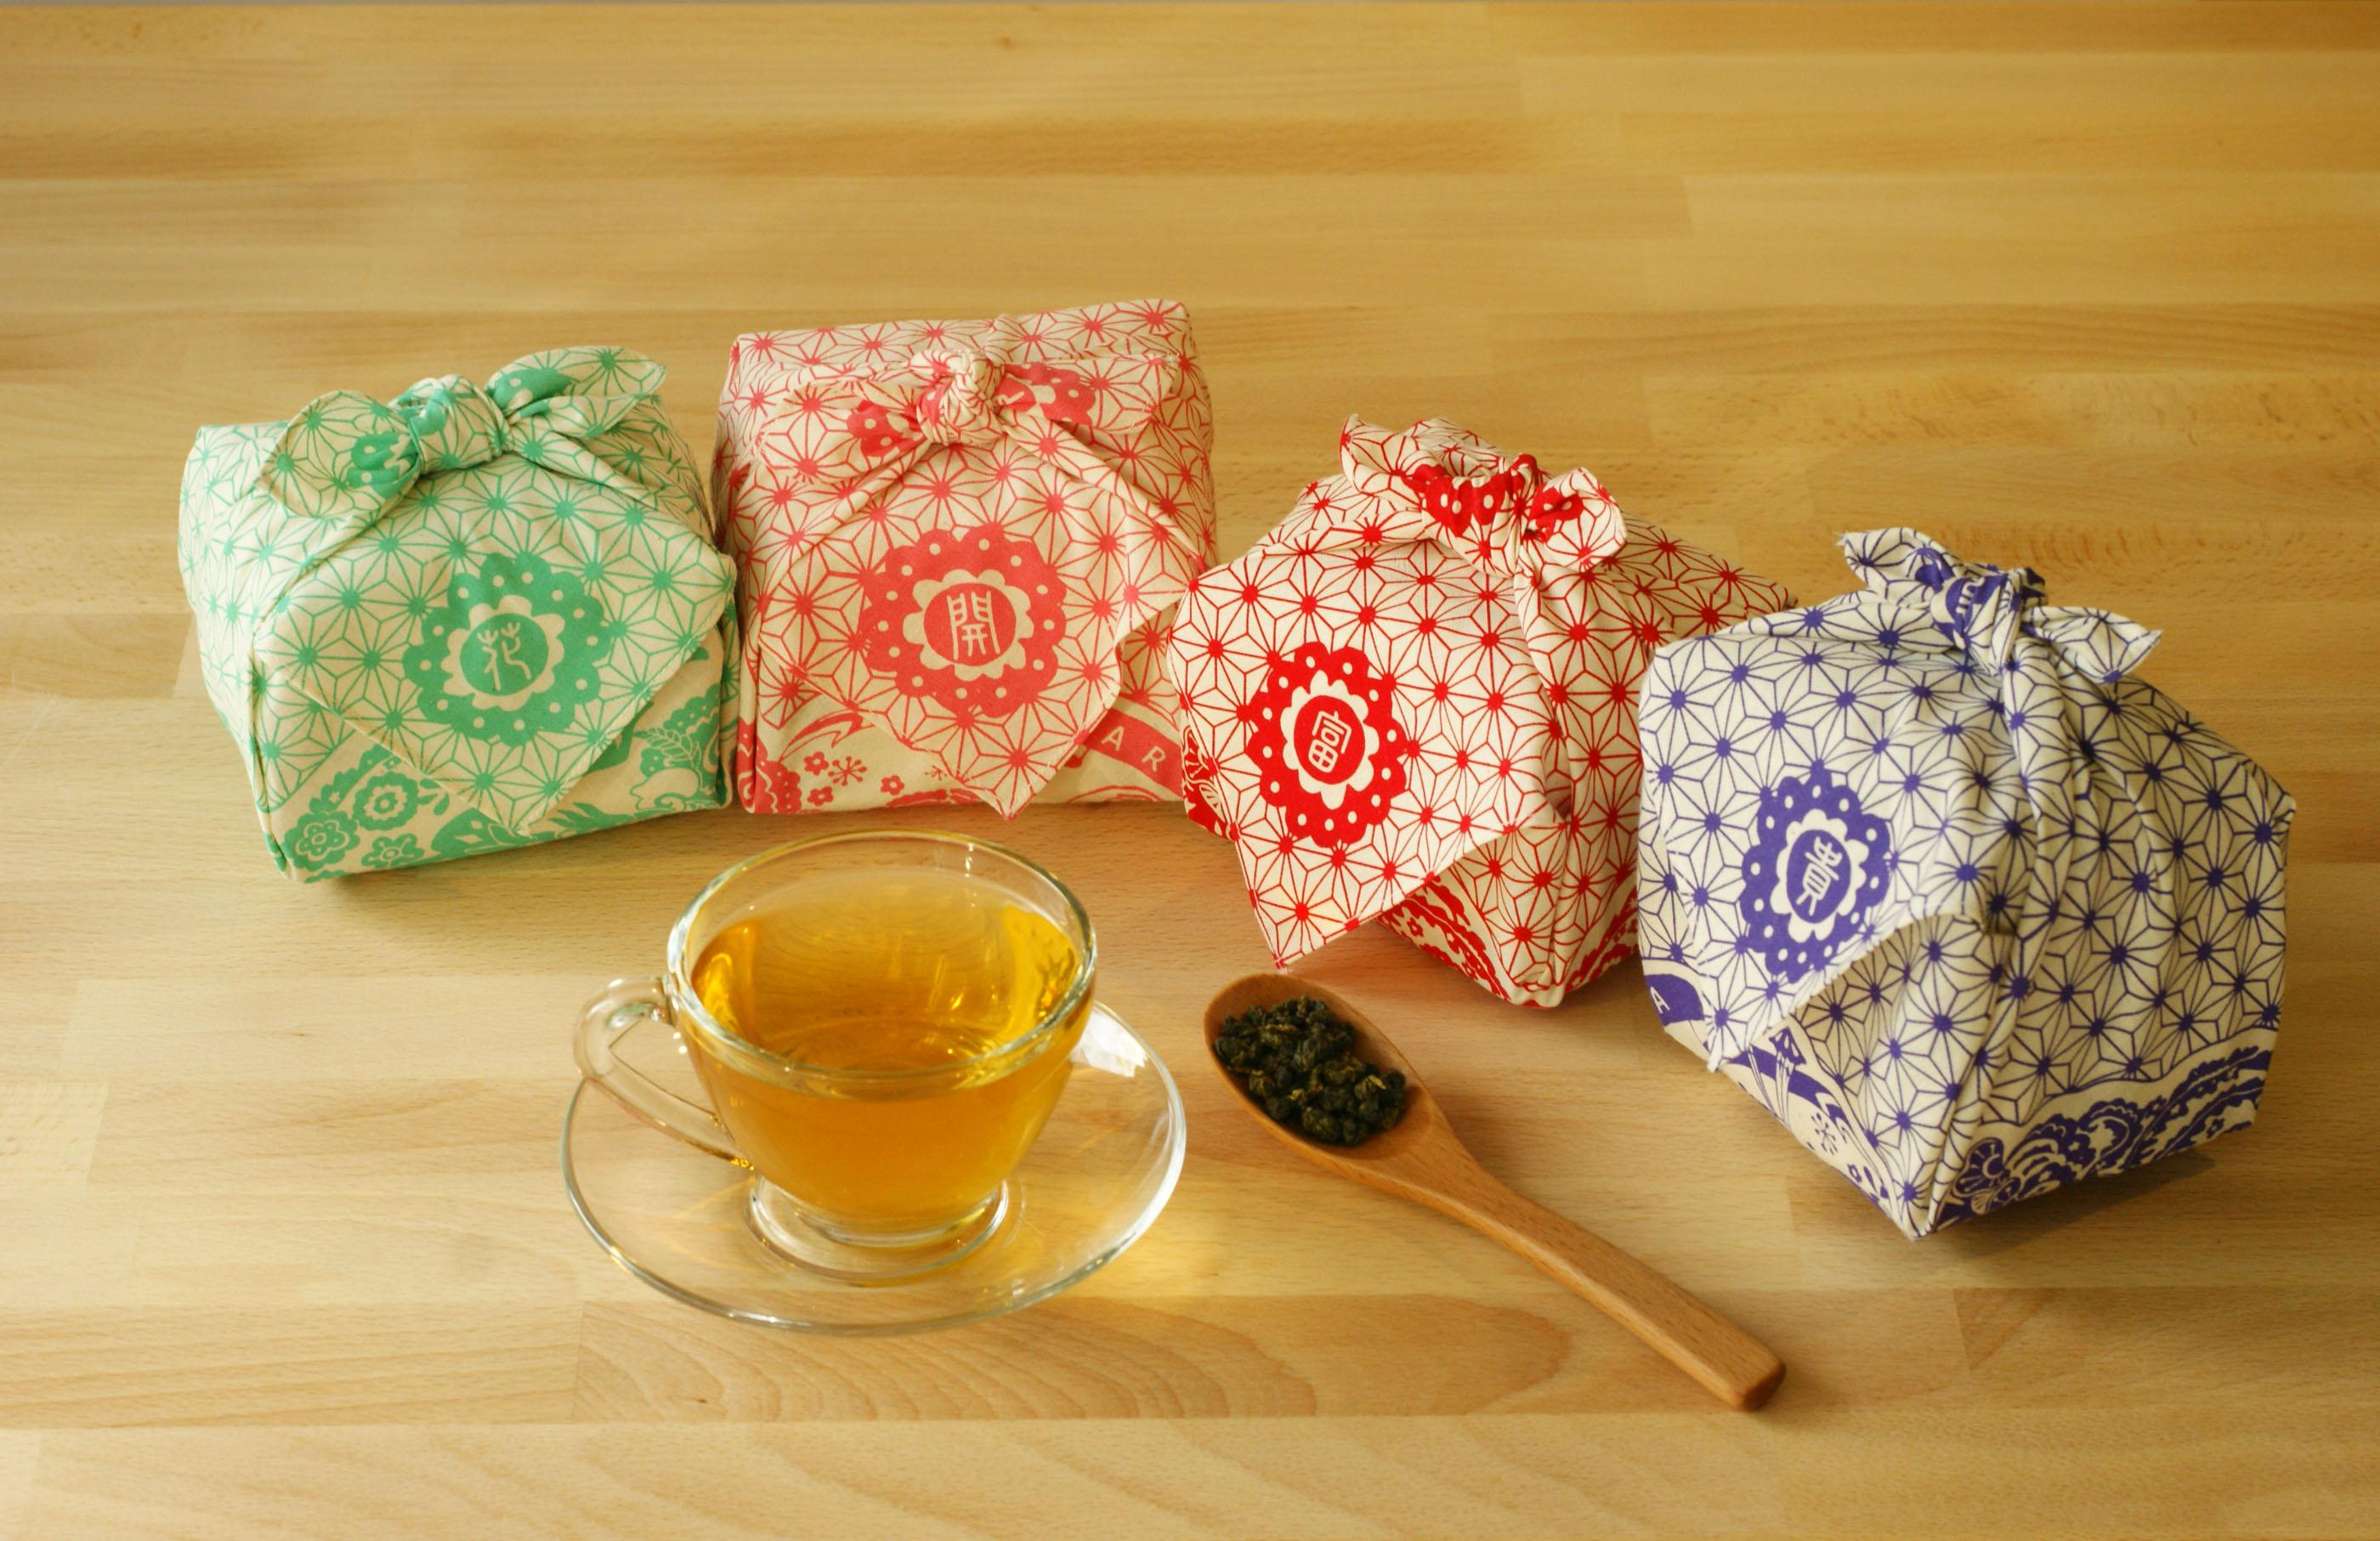 ARTEA【花開富貴】台灣茶包裹巾組合(手採手製茶X4包裹)ARTEA 千合趣 1